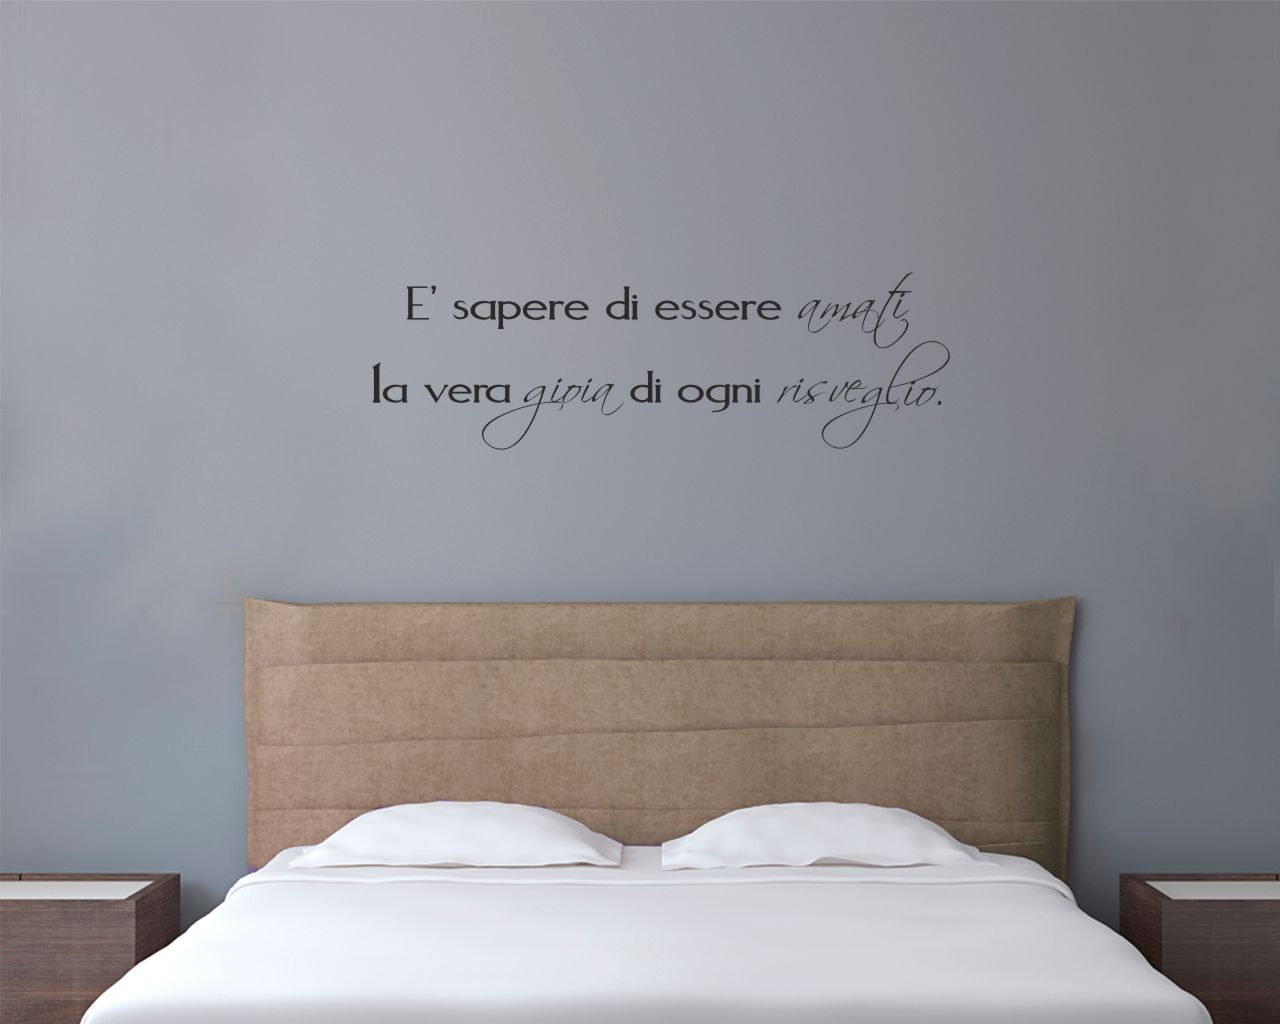 La gioia di ogni risveglio frasi aforismi citazioni - Appendiabiti da camera da letto ...